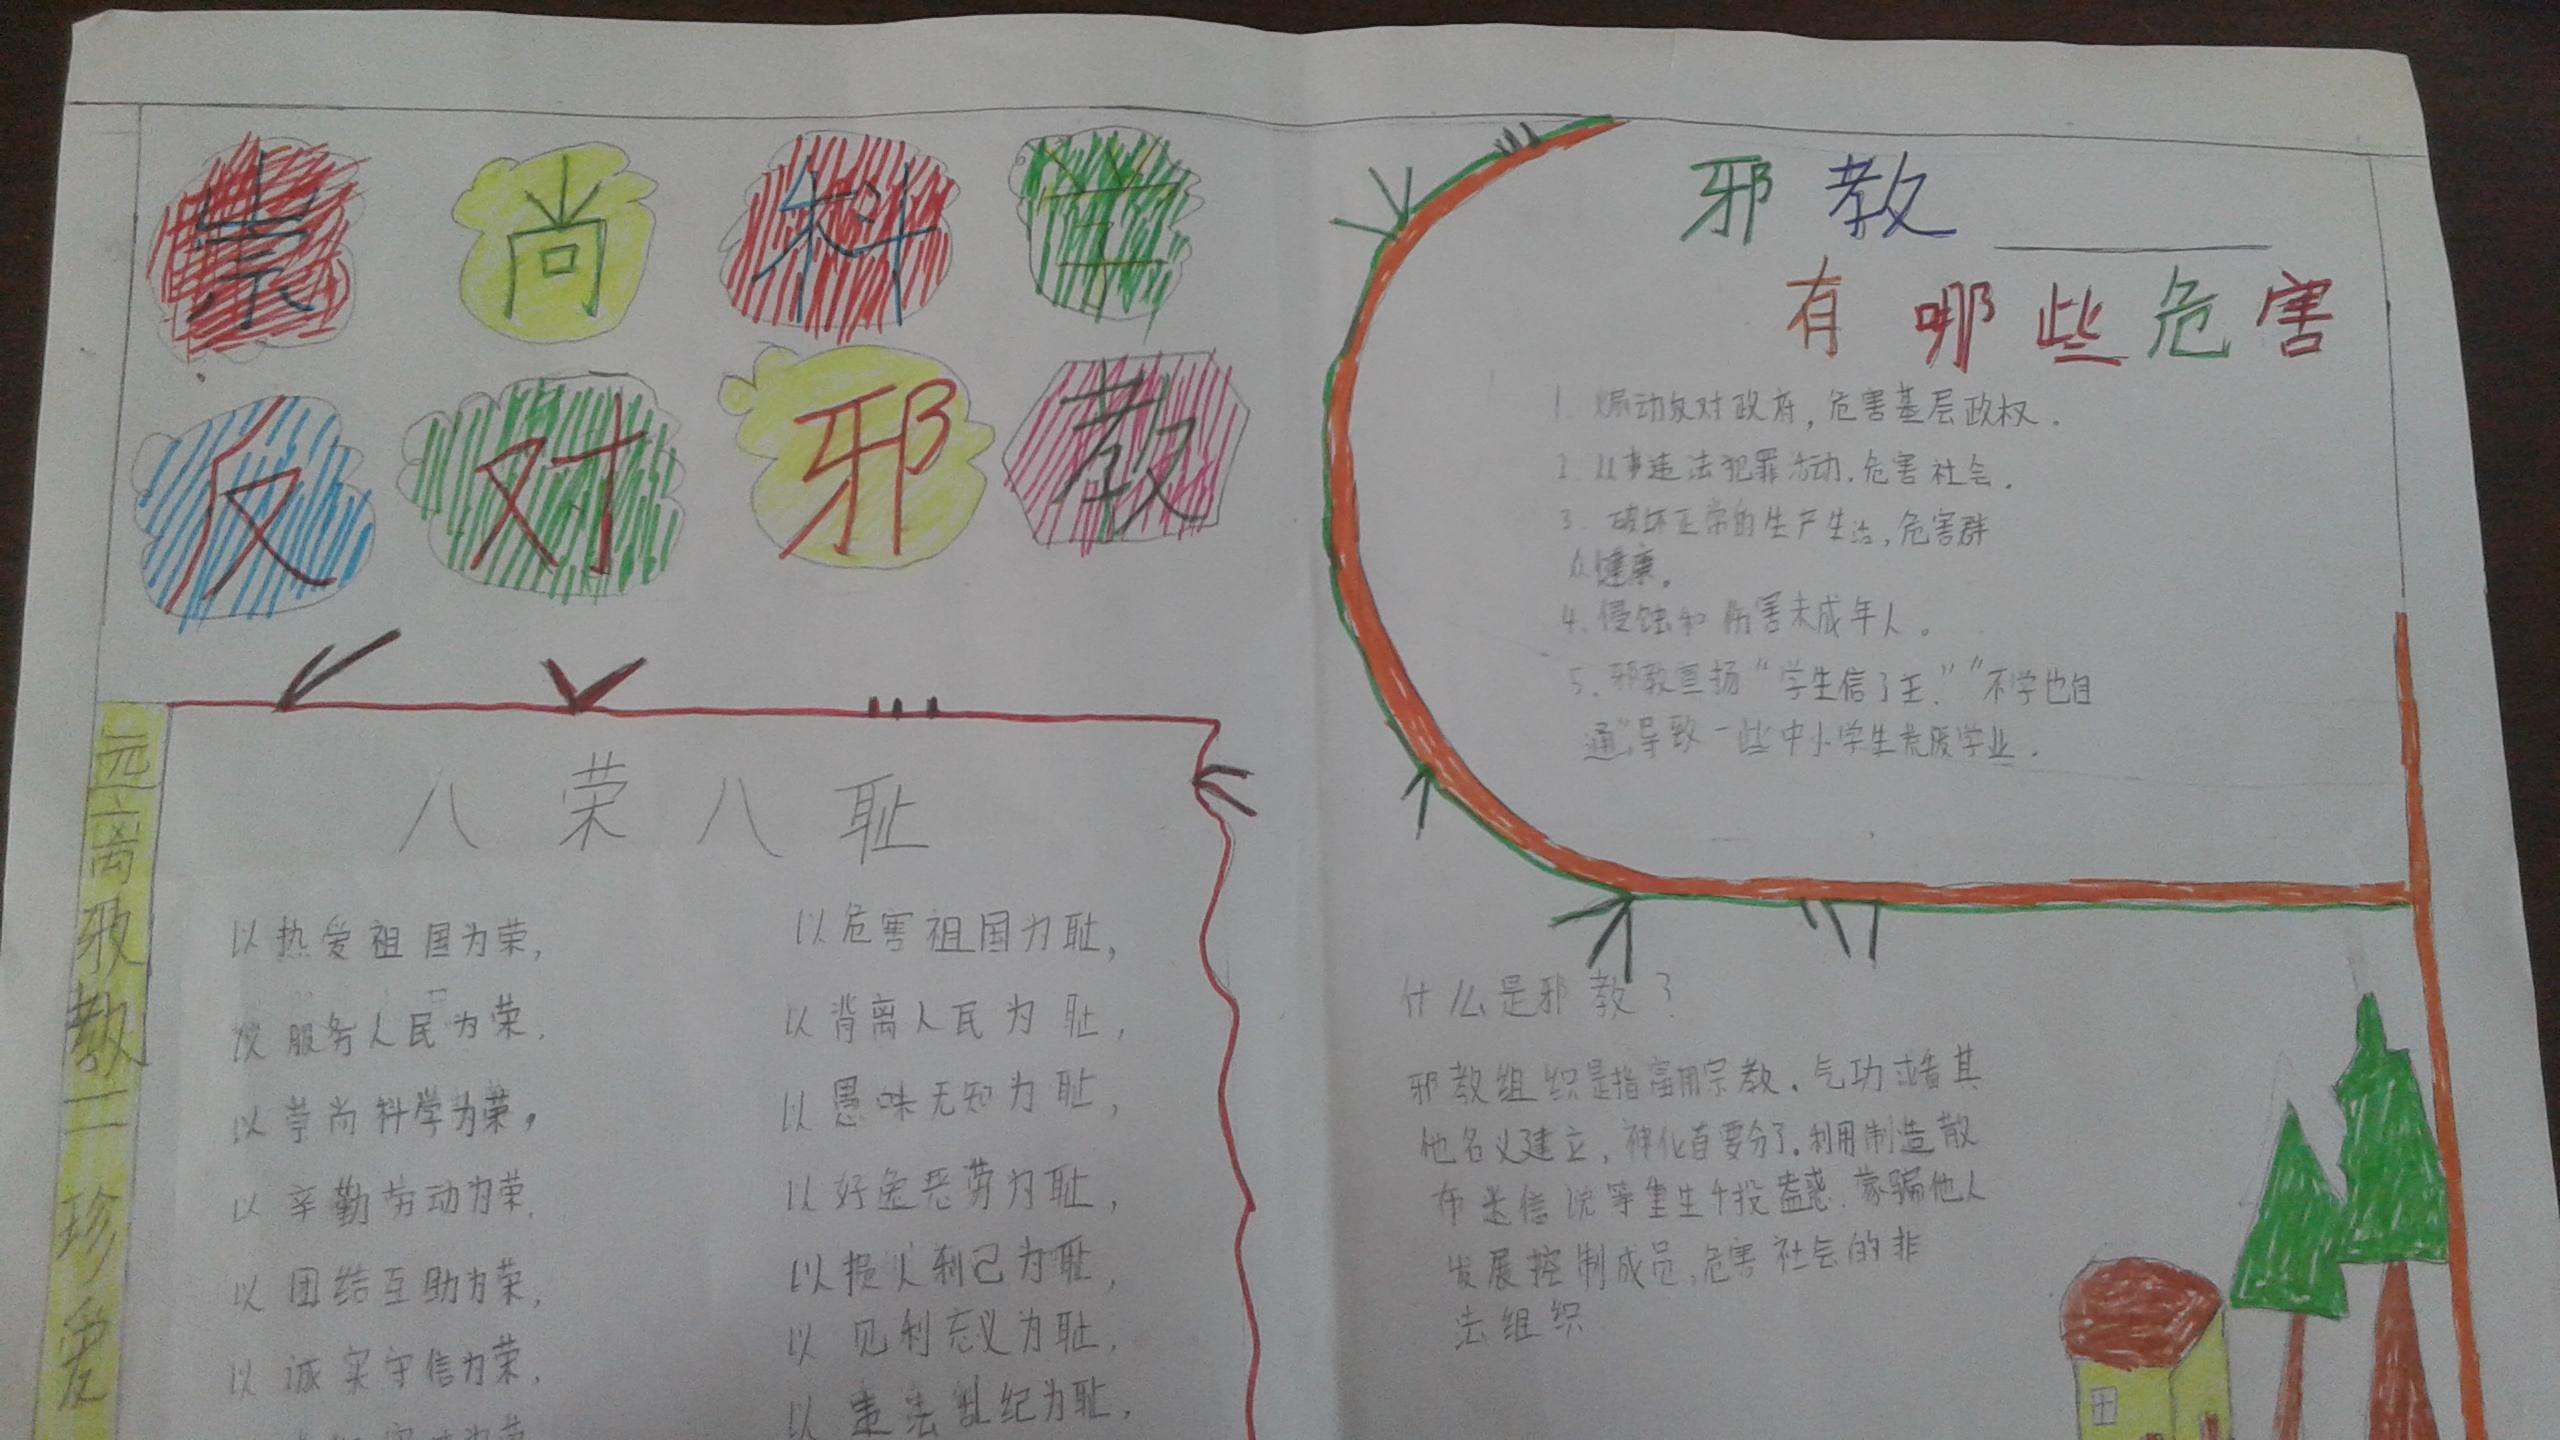 尚店镇回族小学崇尚科学反对邪教手抄报大赛作品展示二